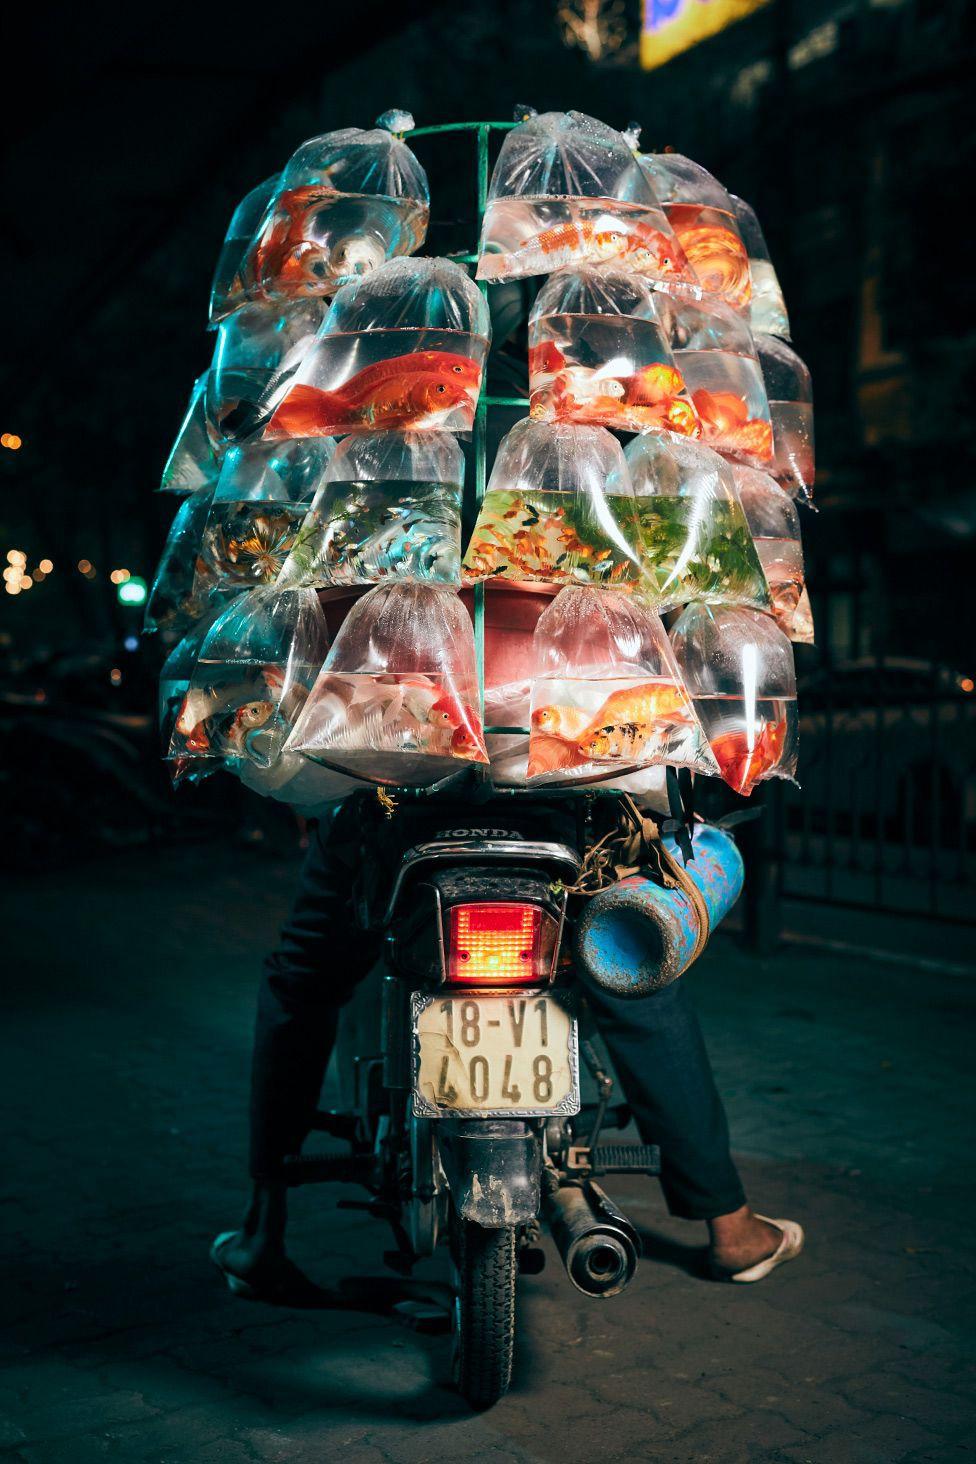 Lặng người trước một Hà Nội chân thực trên yên xe máy dưới góc nhìn nghệ thuật của nhiếp ảnh gia người Anh - Ảnh 7.